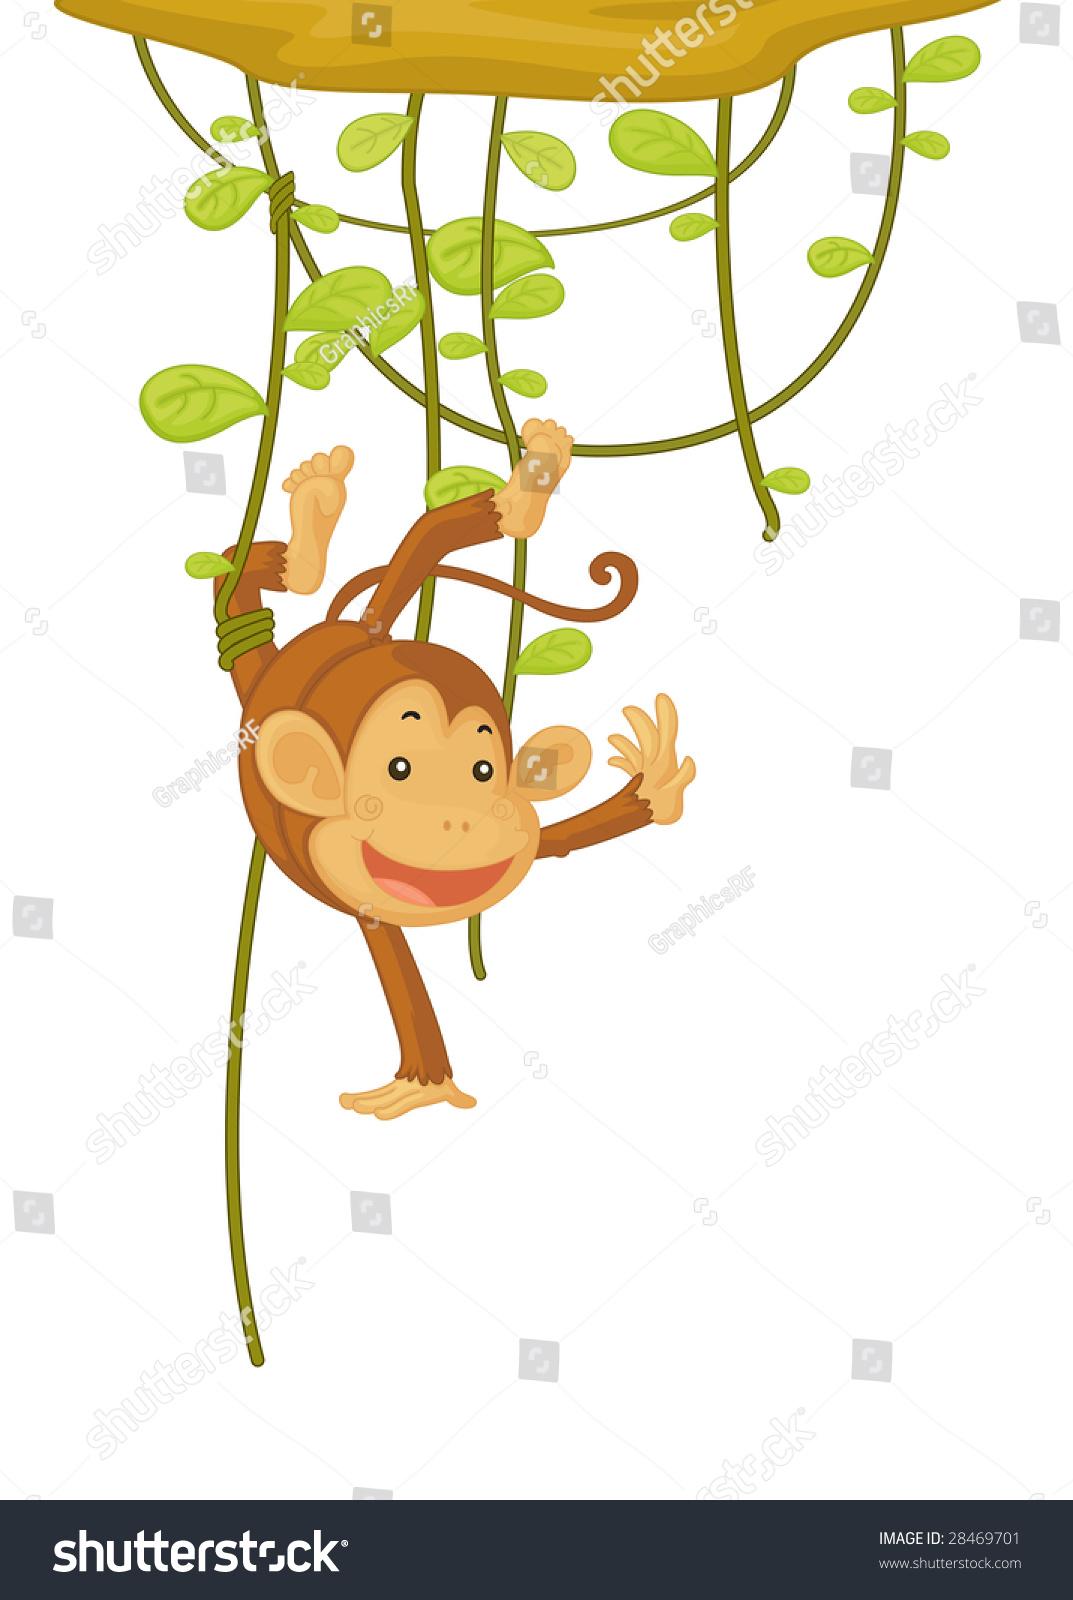 给动物设计名片猴子